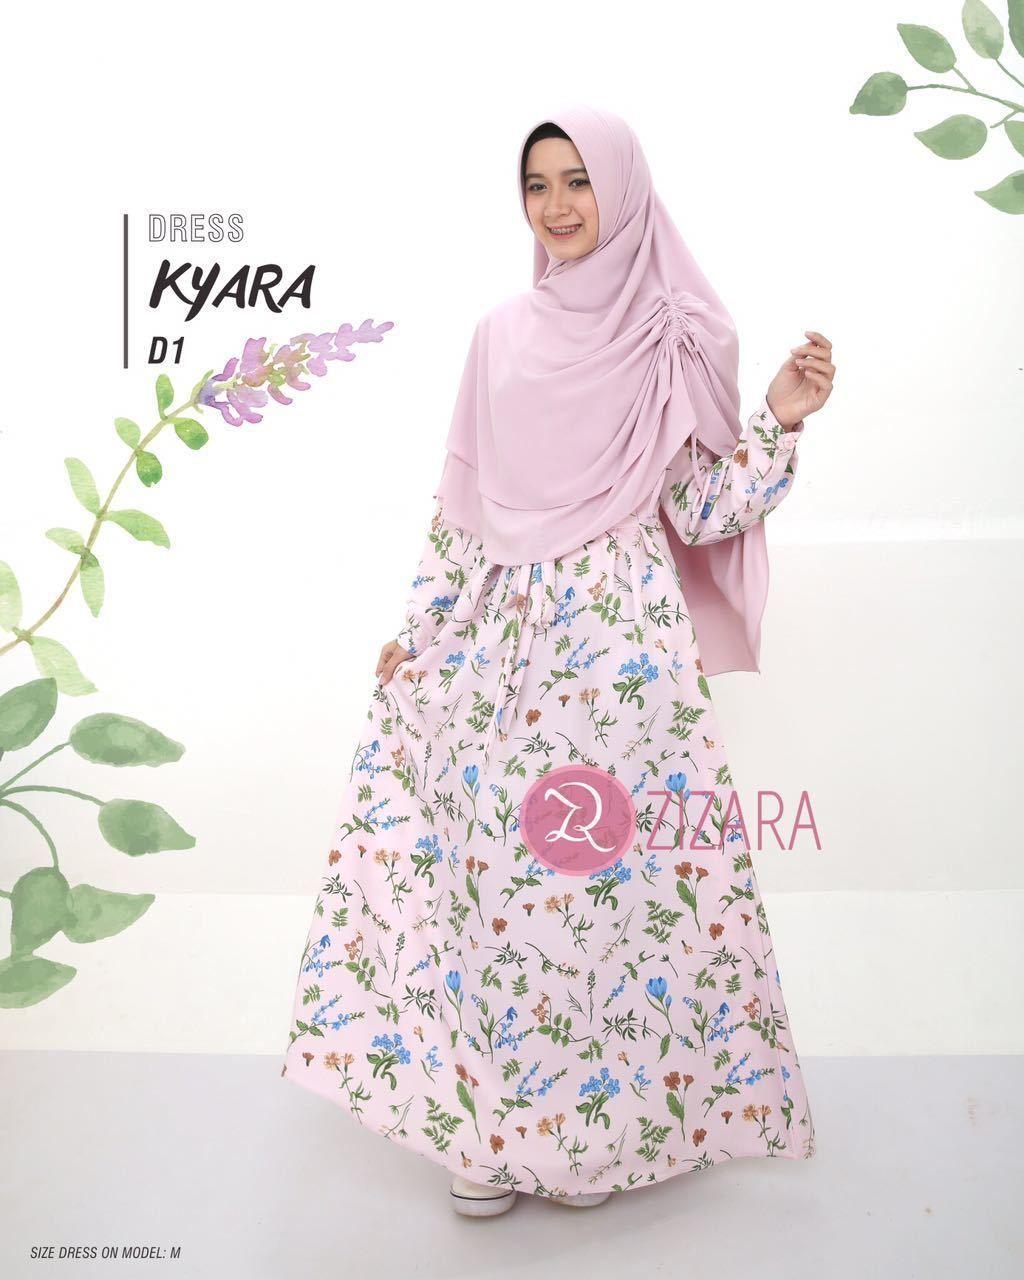 Gamis Zizara Kyara Dress D1 - baju muslimah busana muslim Kini hadir  untukmu yang cantik syari bb70ebc6e8